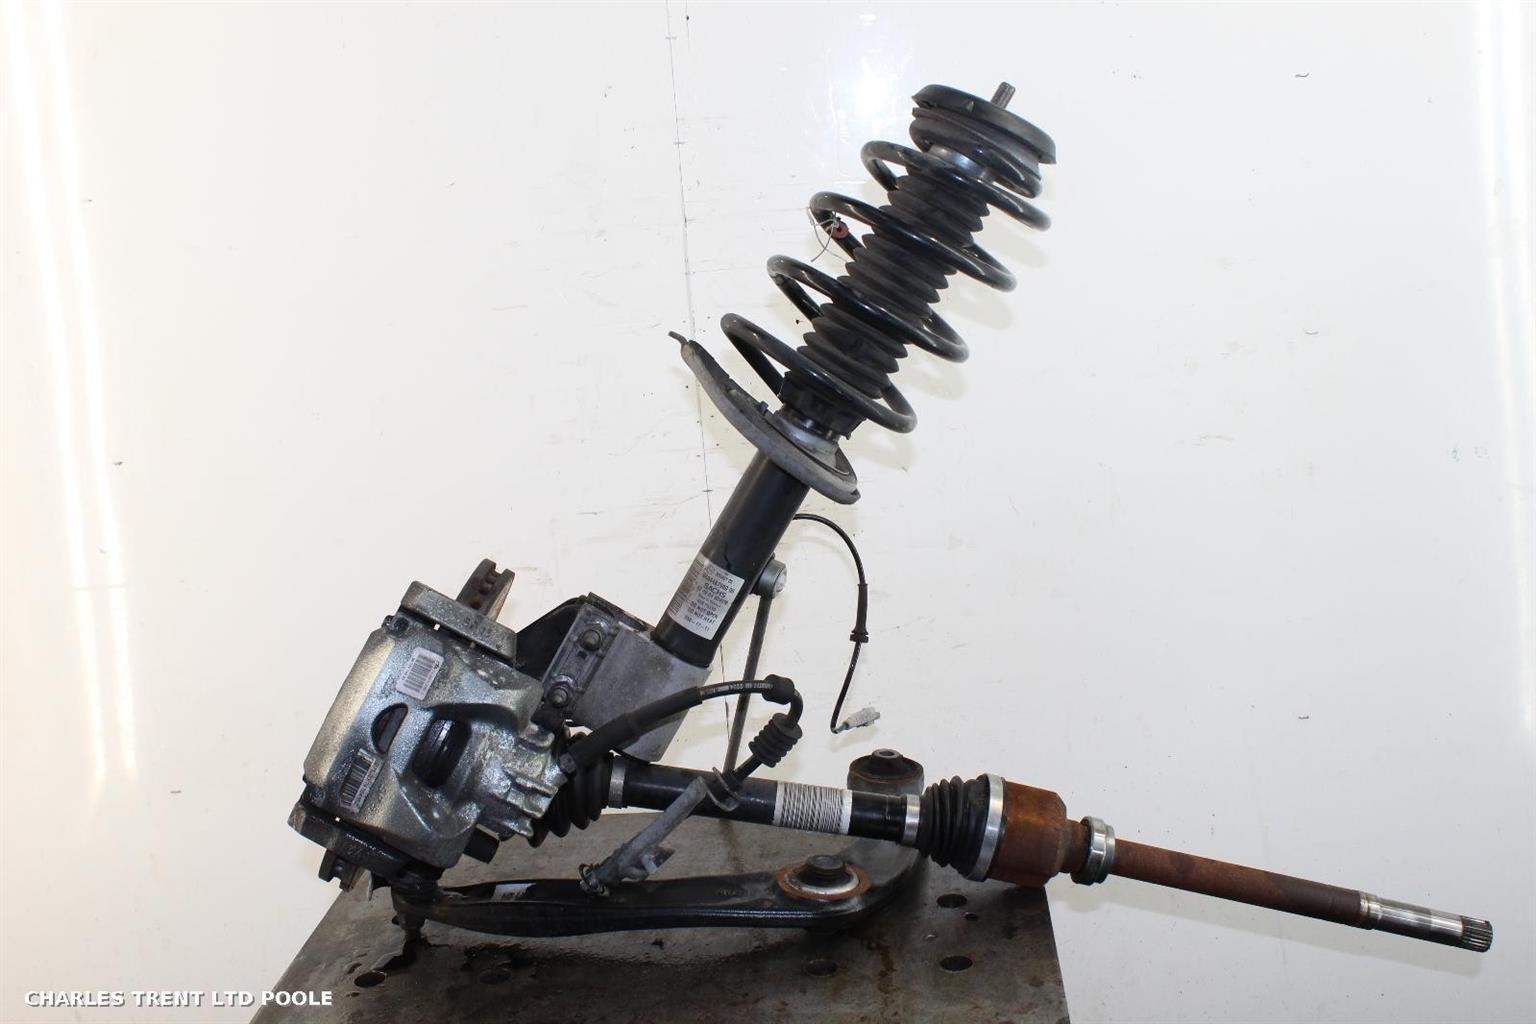 peugeot partner suspension parts FOR SALE!!